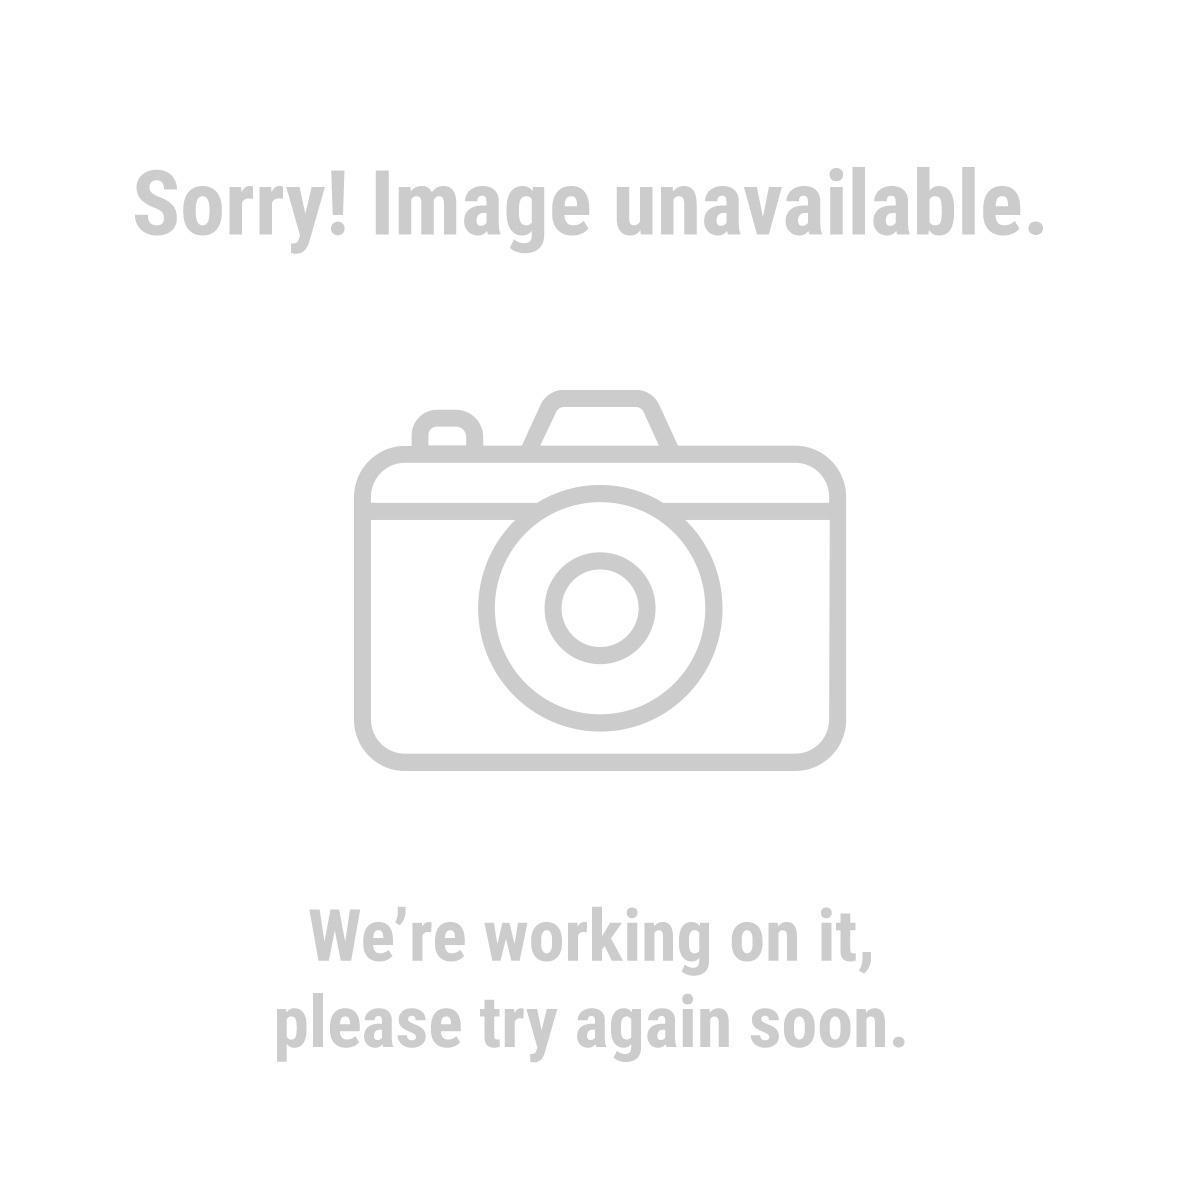 """HFT 67702 29 ft. 4"""" x 19 ft. Camouflage Tarp"""